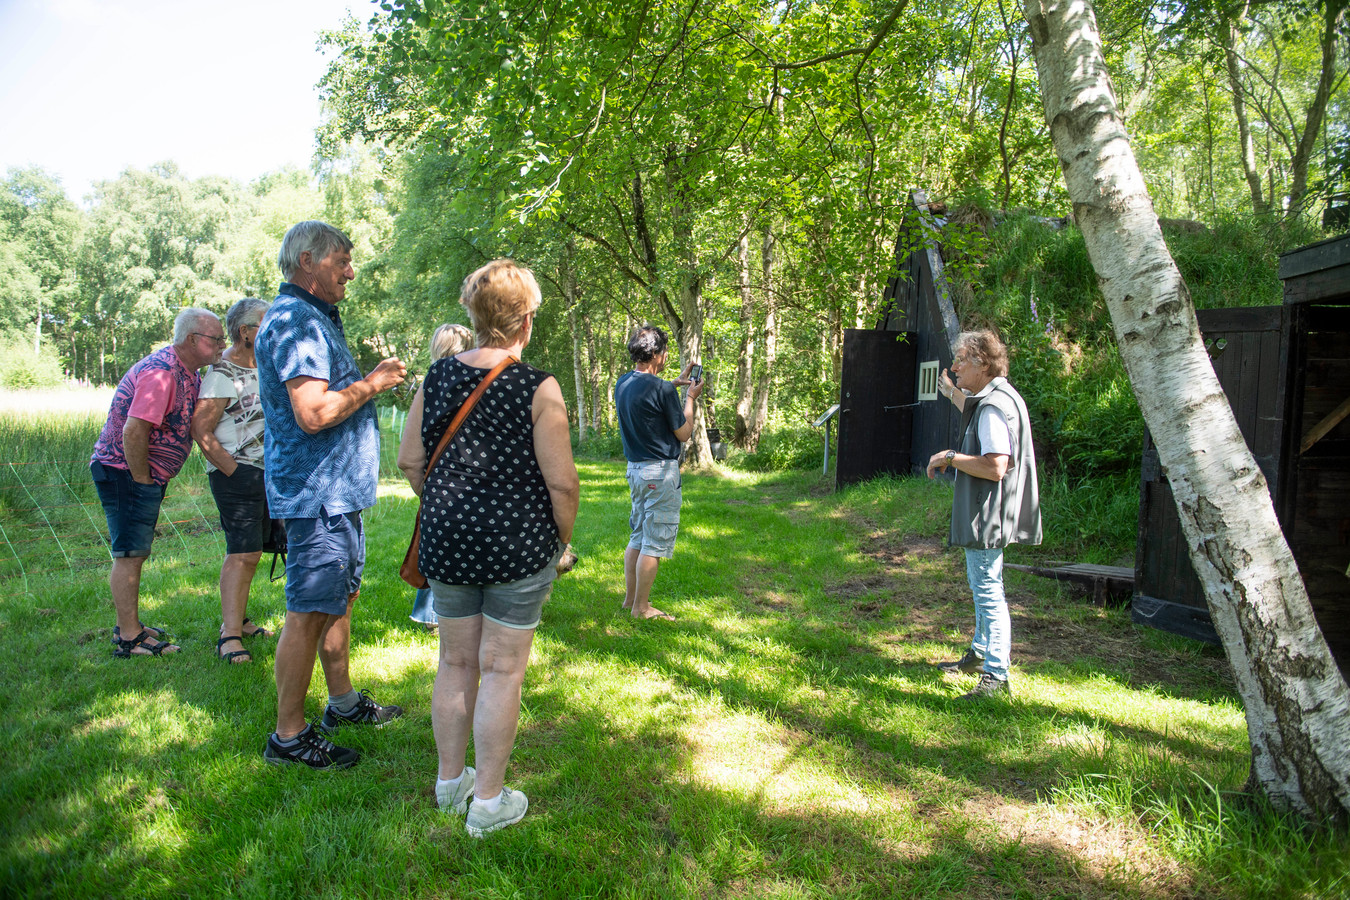 De gids geeft uitleg over de veenhutten op het complex  van het Veenmuseum in Westerhaar.